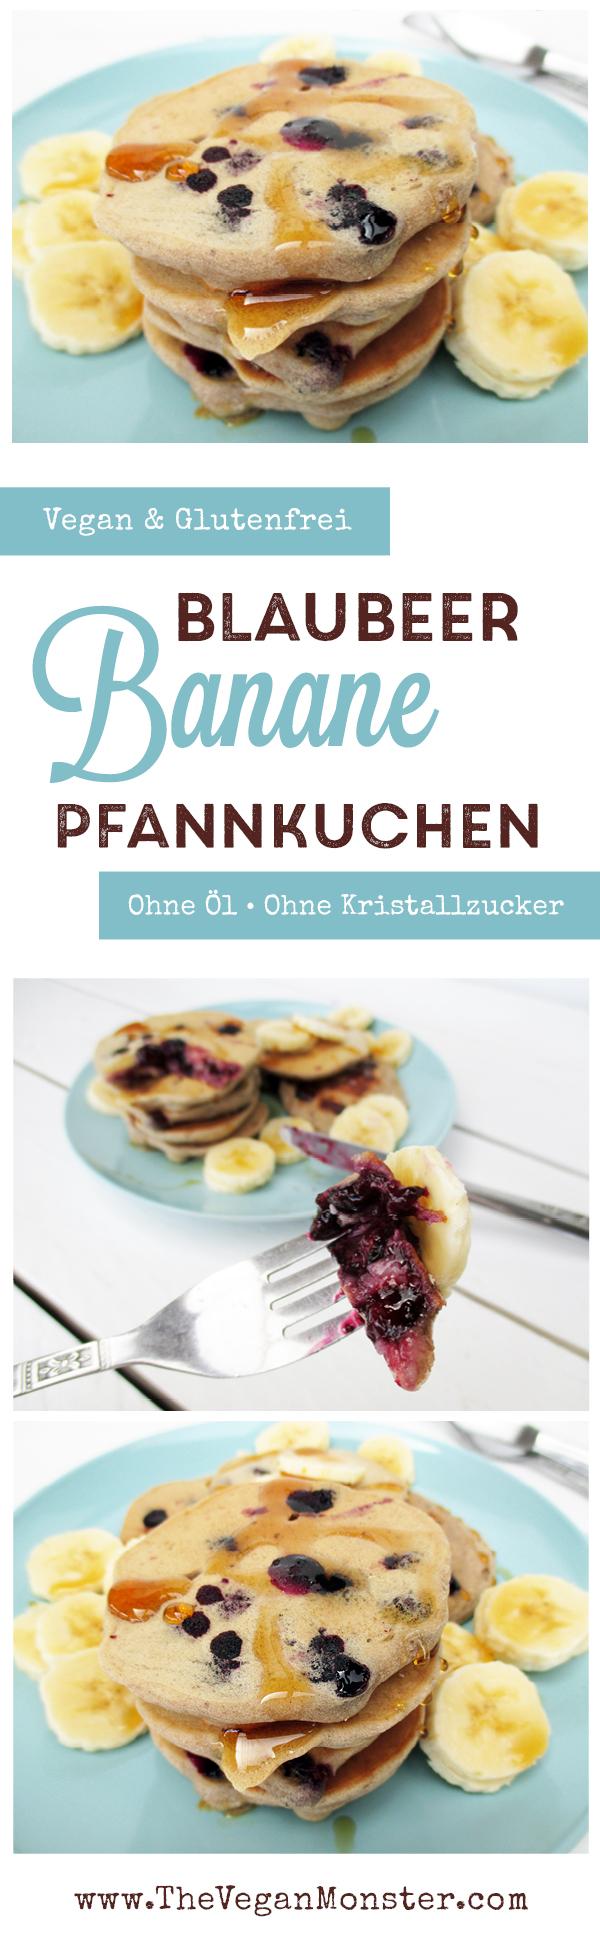 vegane glutenfreie blaubeer bananen pfannkuchen ohne zucker ohne milch ohne ei rezept